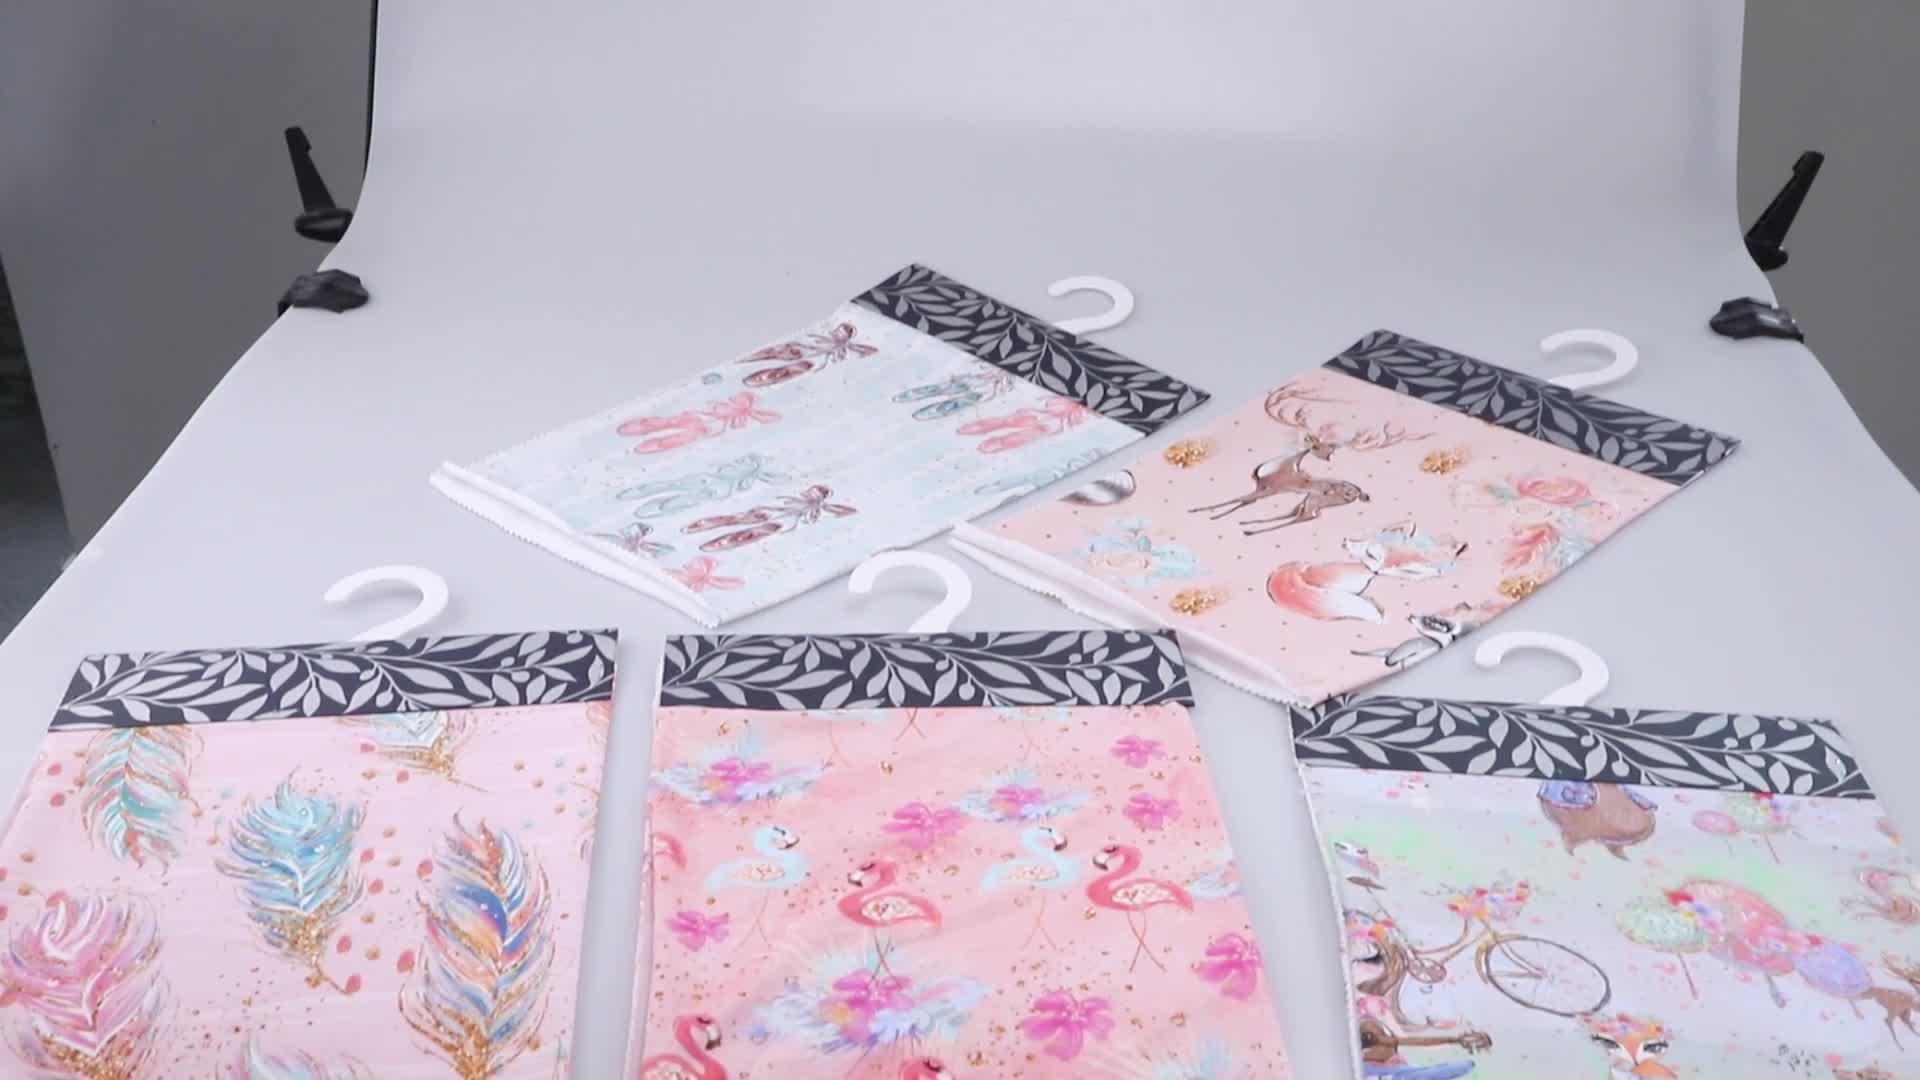 Tươi Sáng Và Màu Sắc Rực Rỡ Dệt Máy In Hoa Tùy Chỉnh In Bông Lycra Vải Cho Quần Áo Trẻ Em